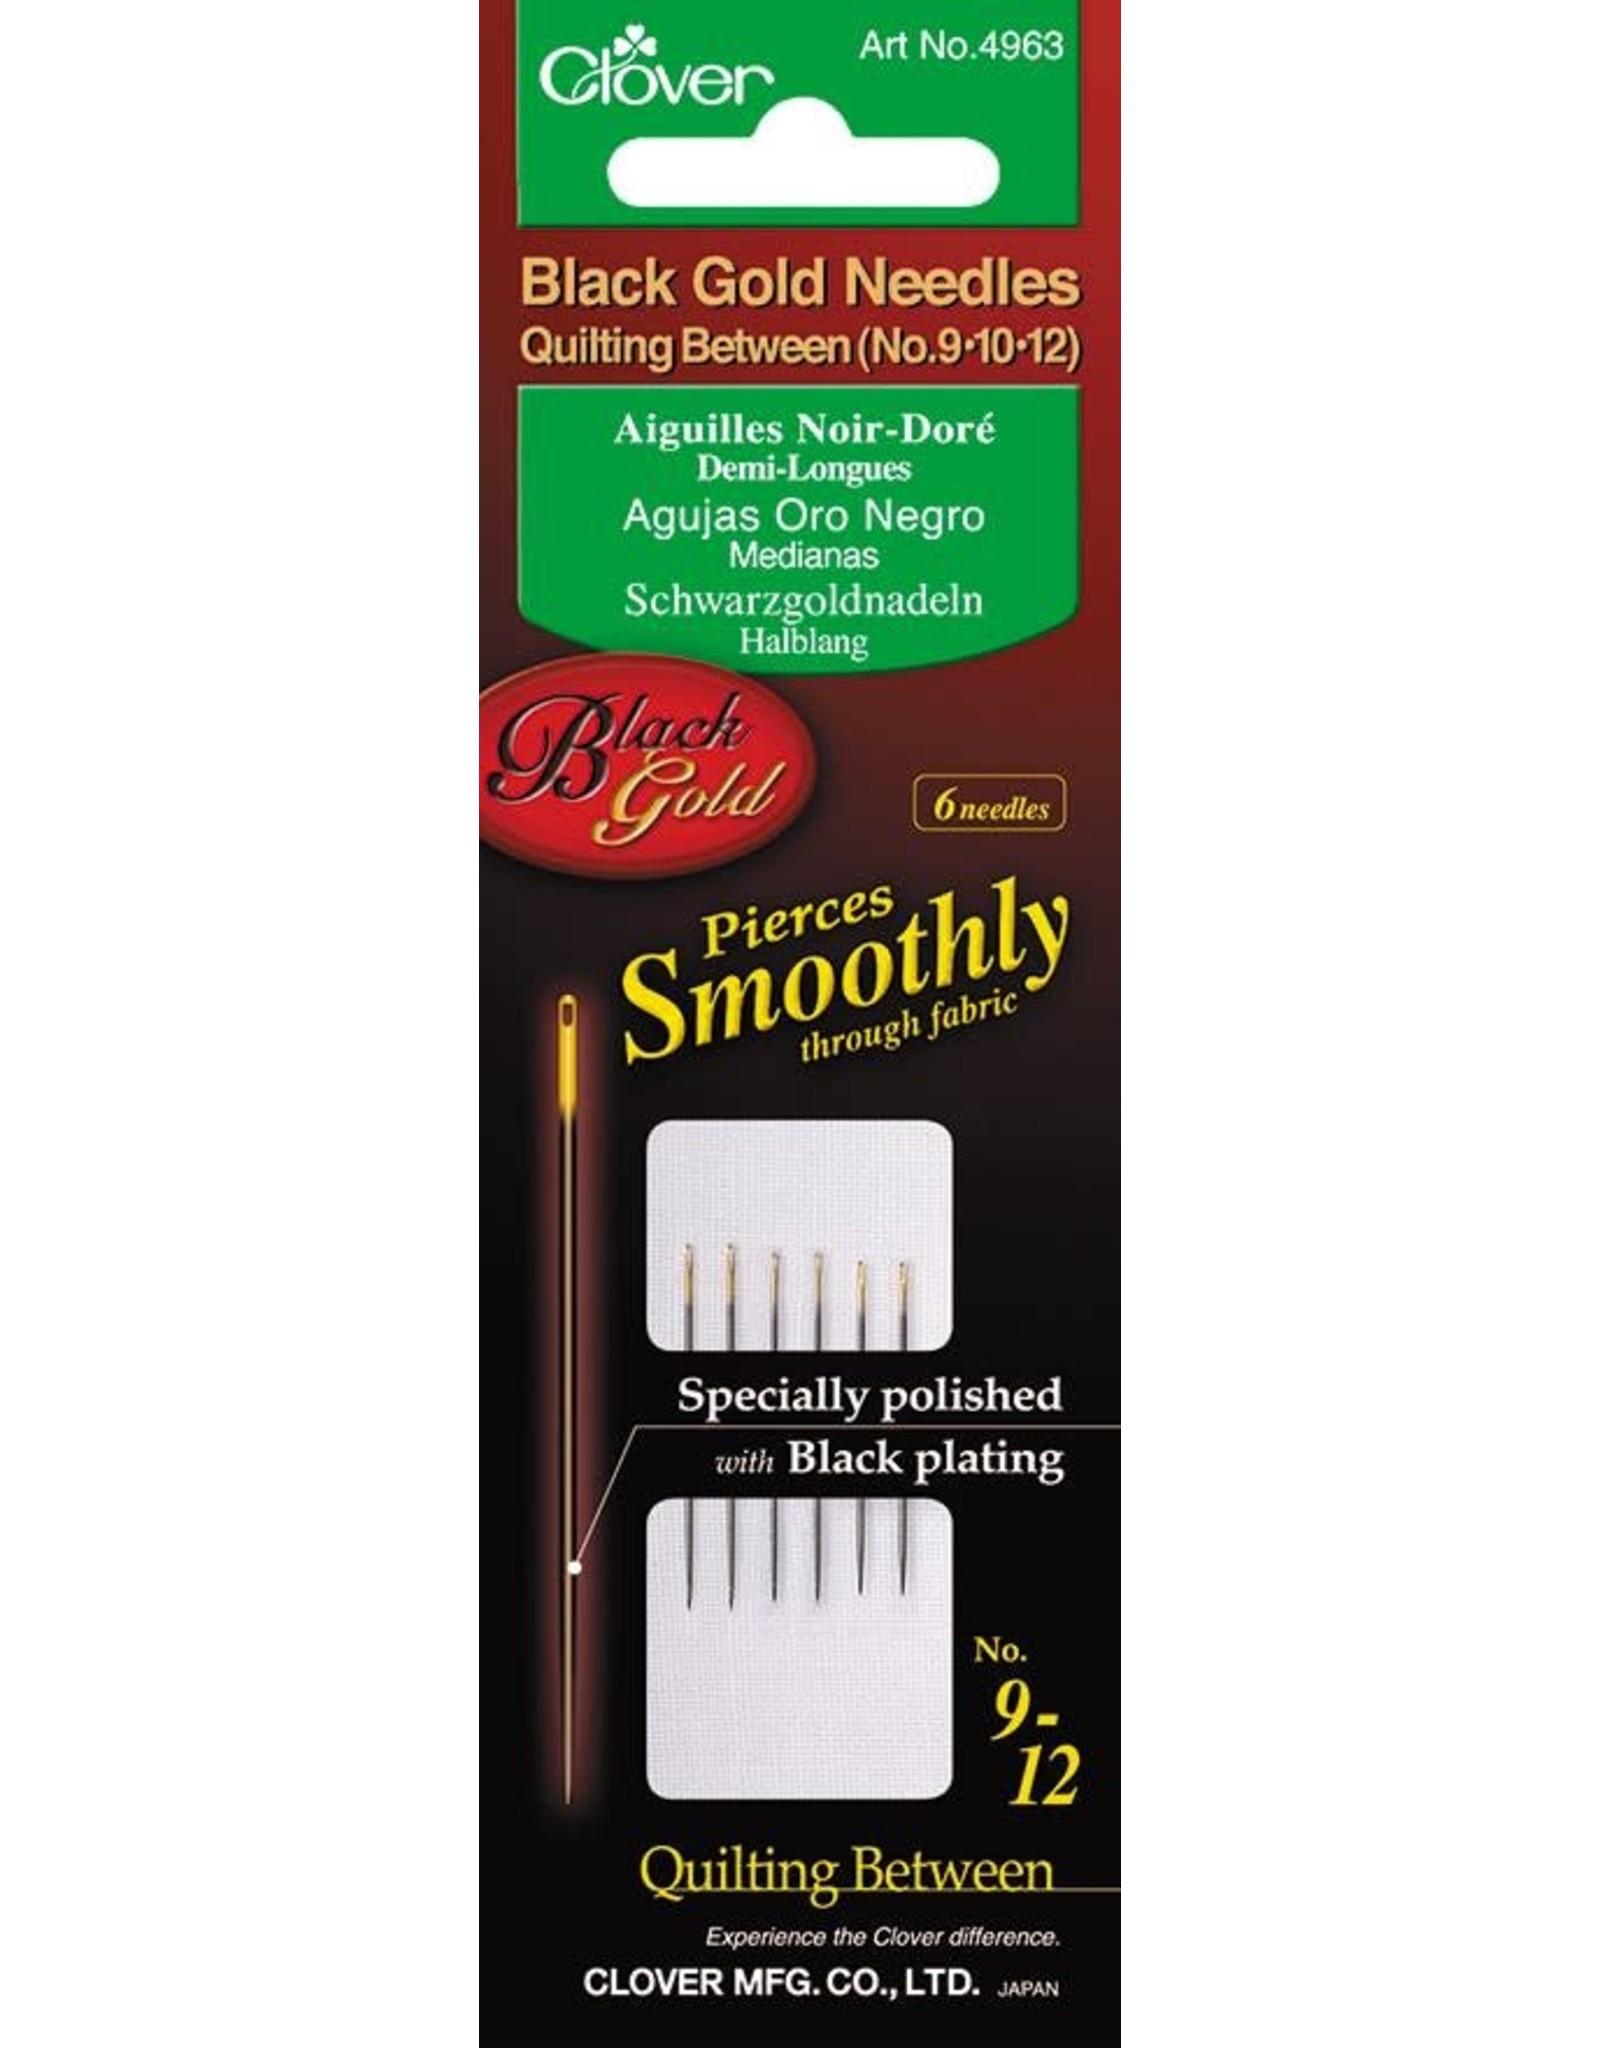 Clover Black Gold Needles - Quilting Between ass.